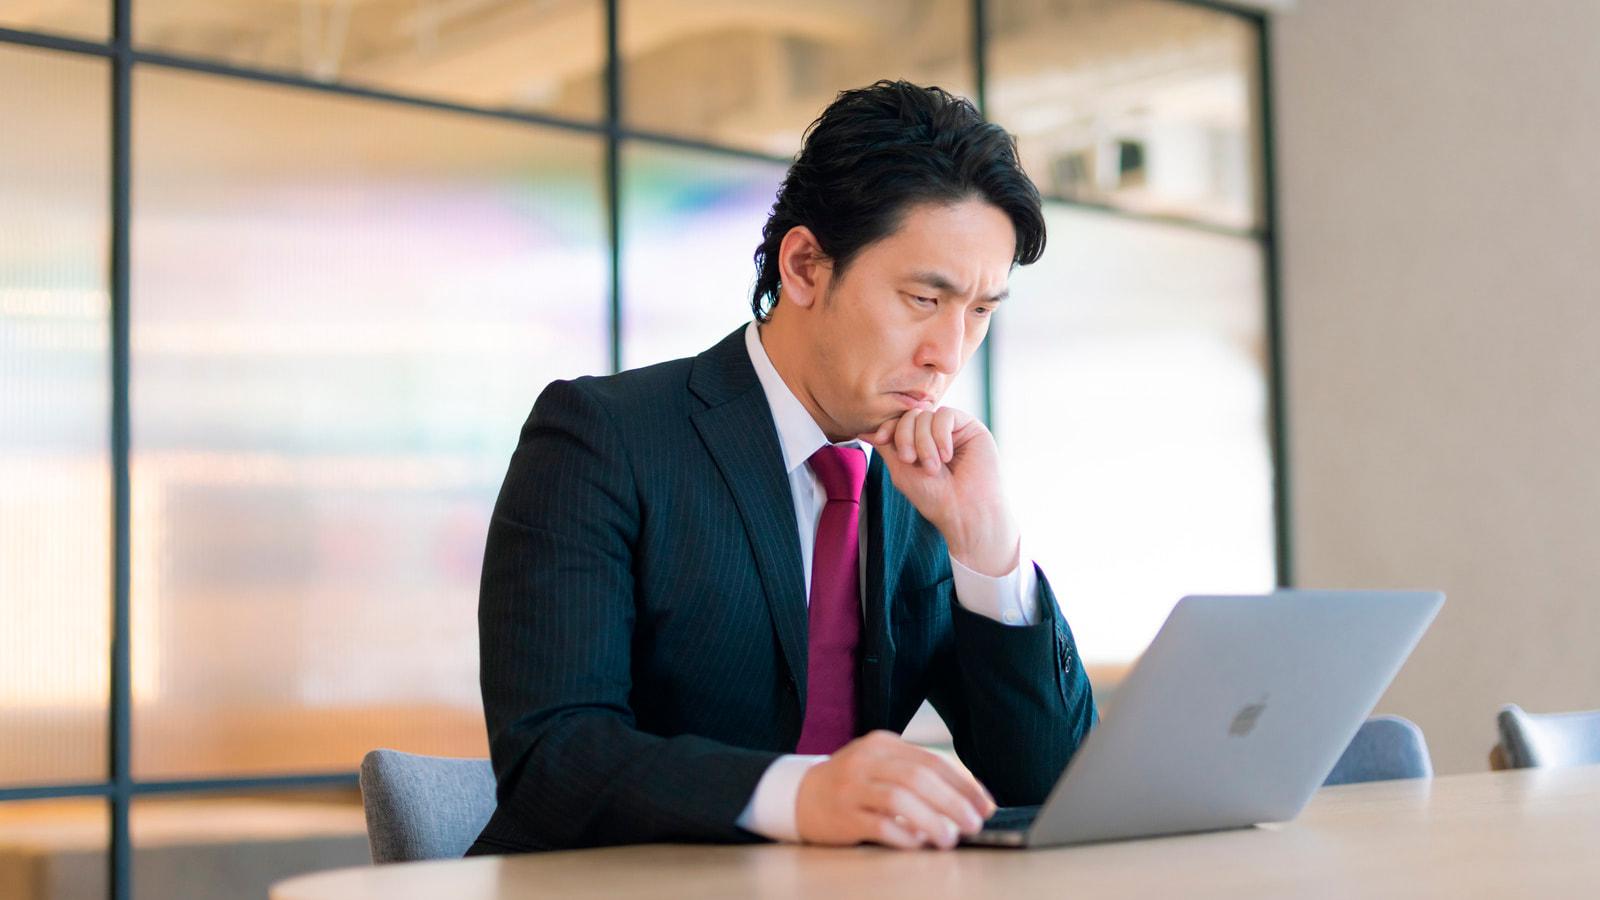 事業再構築補助金の申請は難しい?新規性の要件について解説